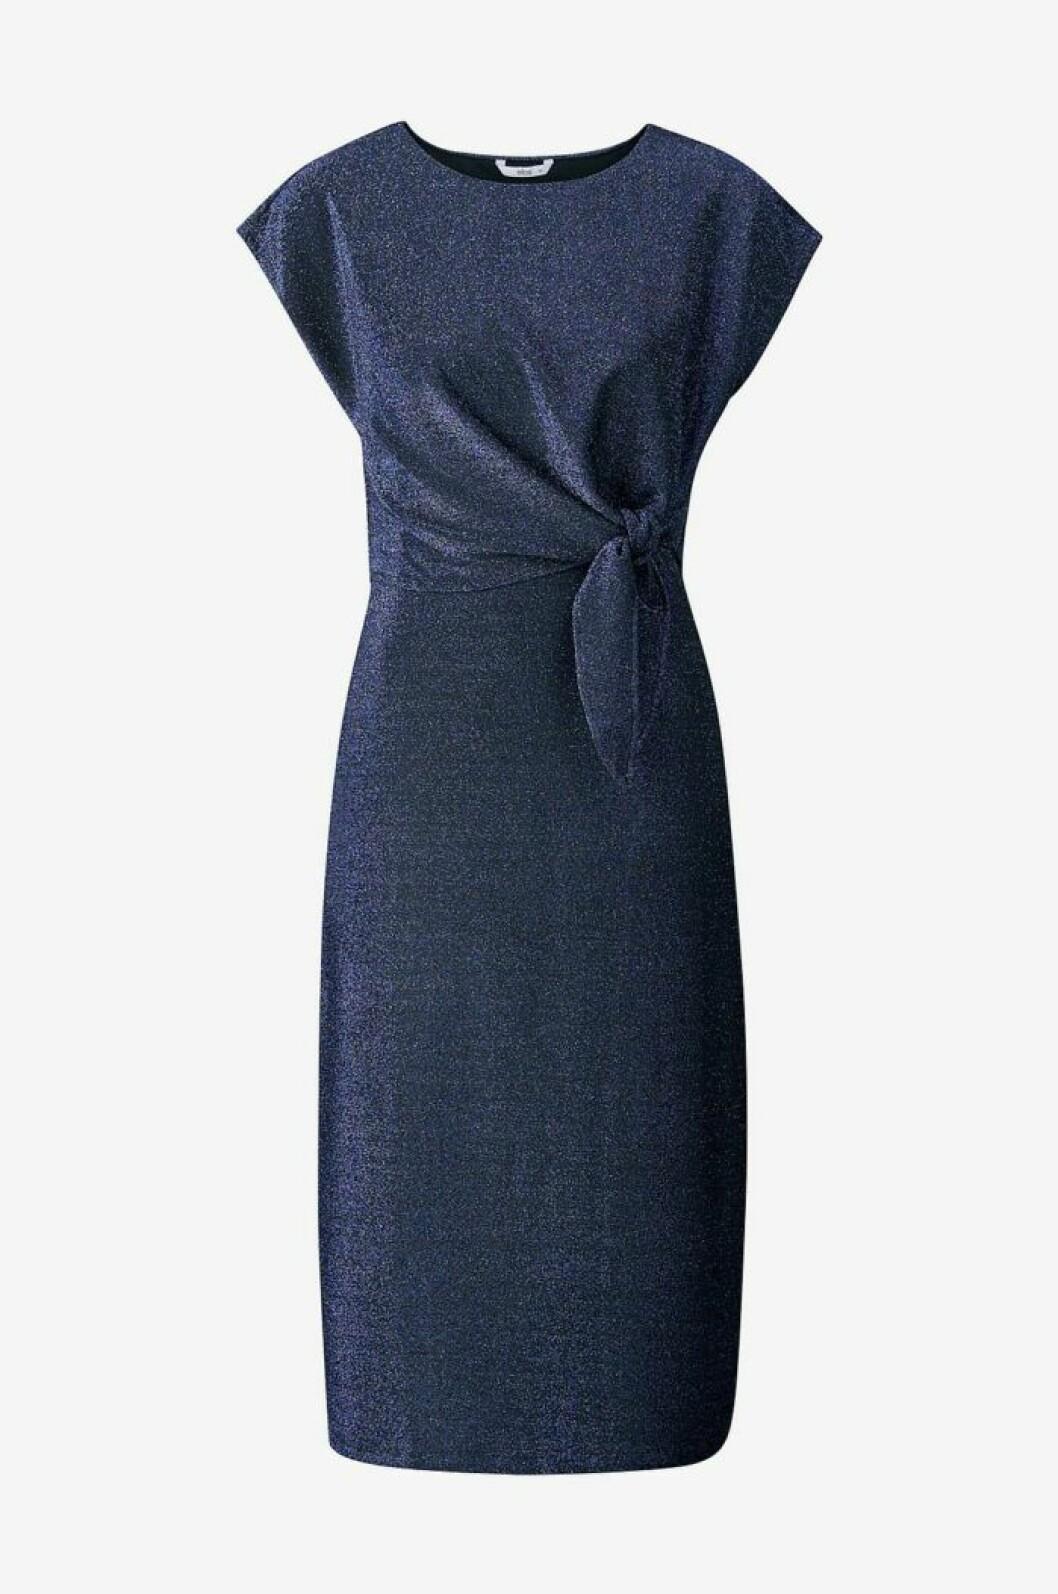 Blå midklänning med glitter